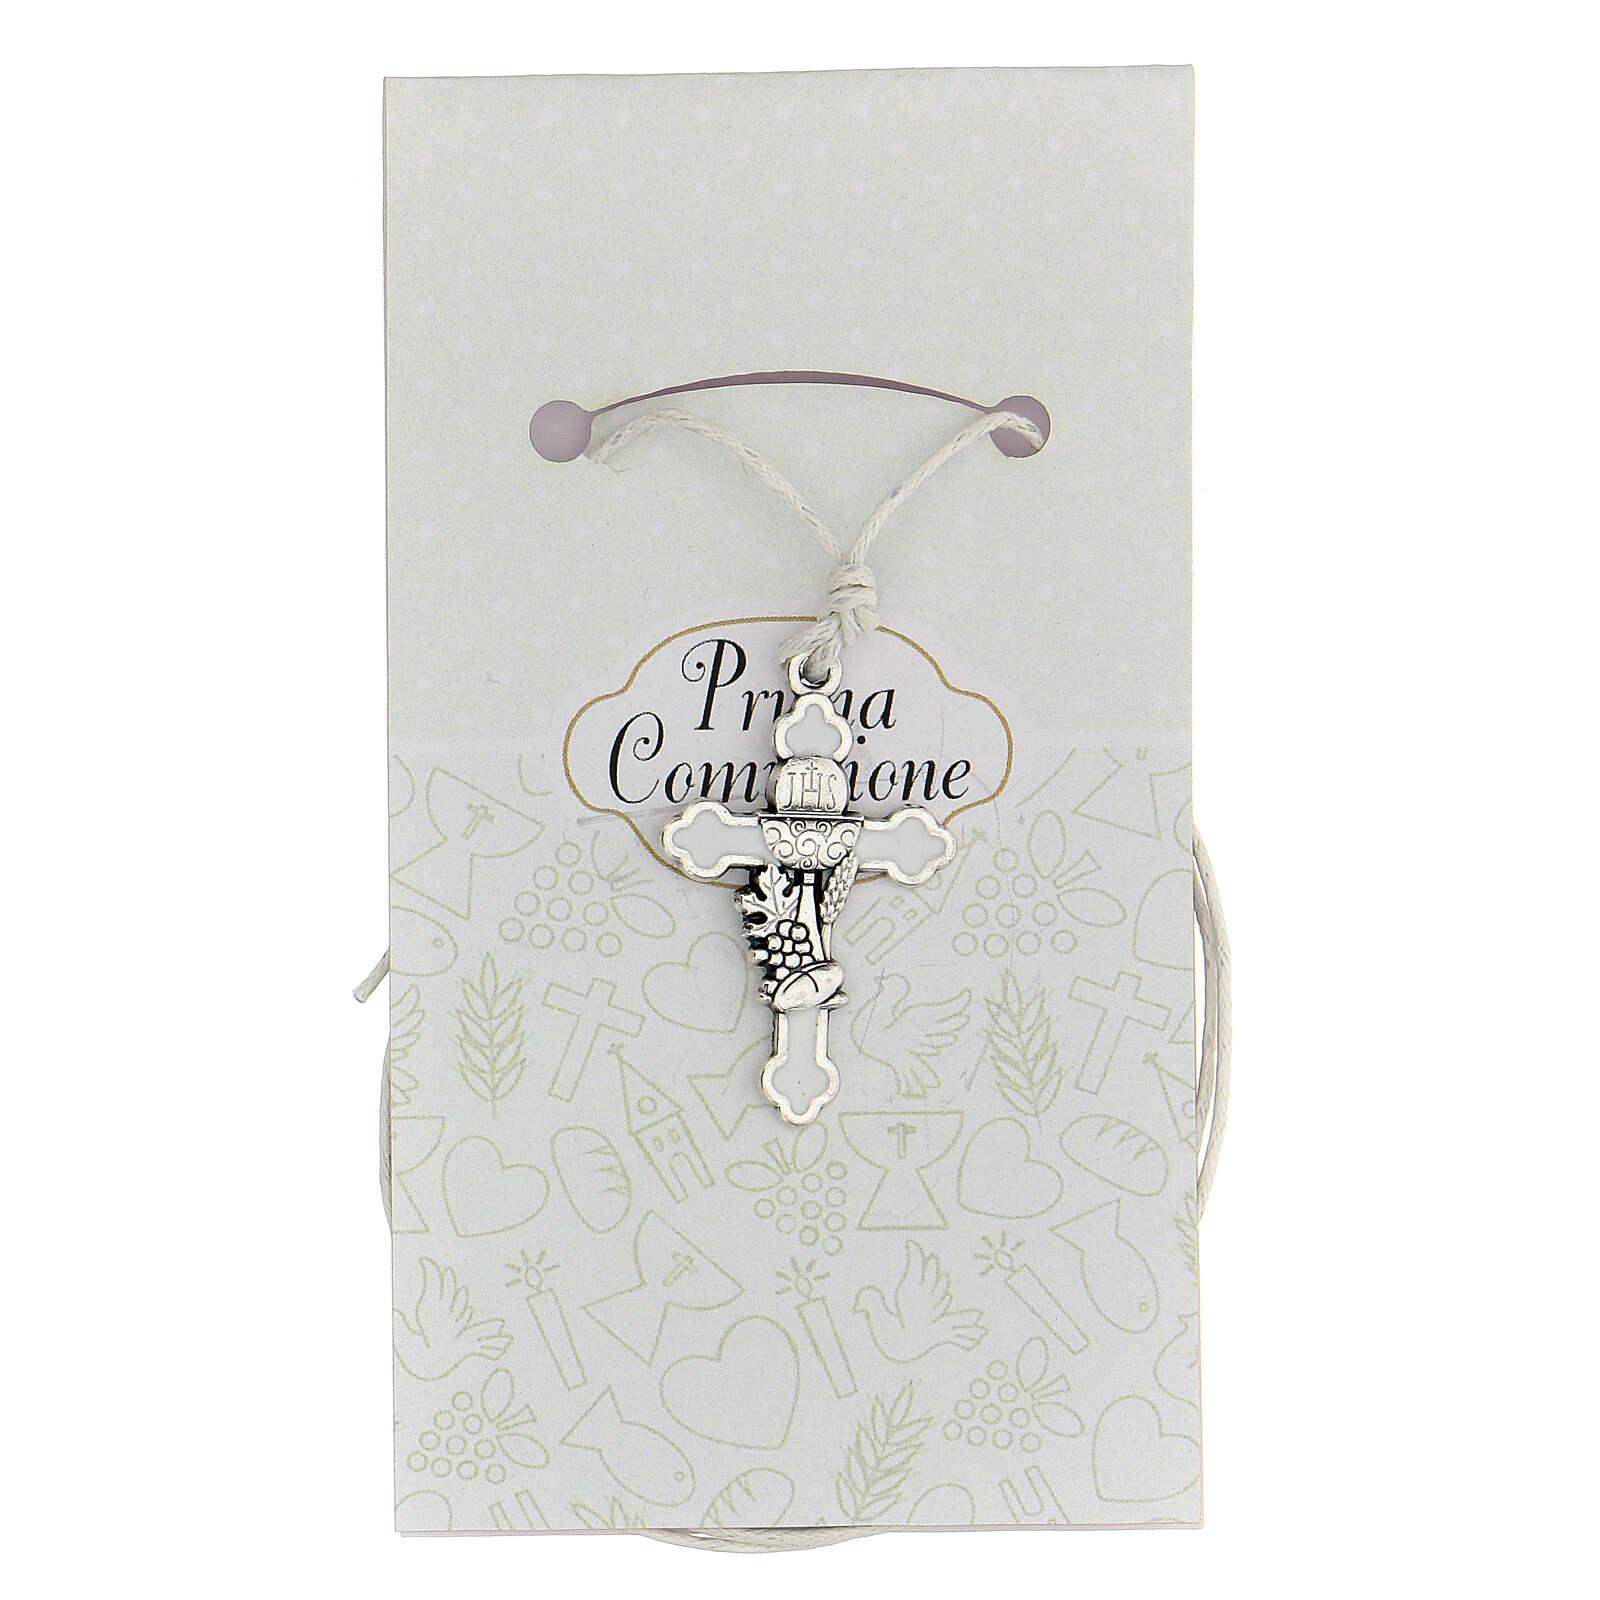 Cruz Comunión metal plata y esmalte blanco 3 cm 4